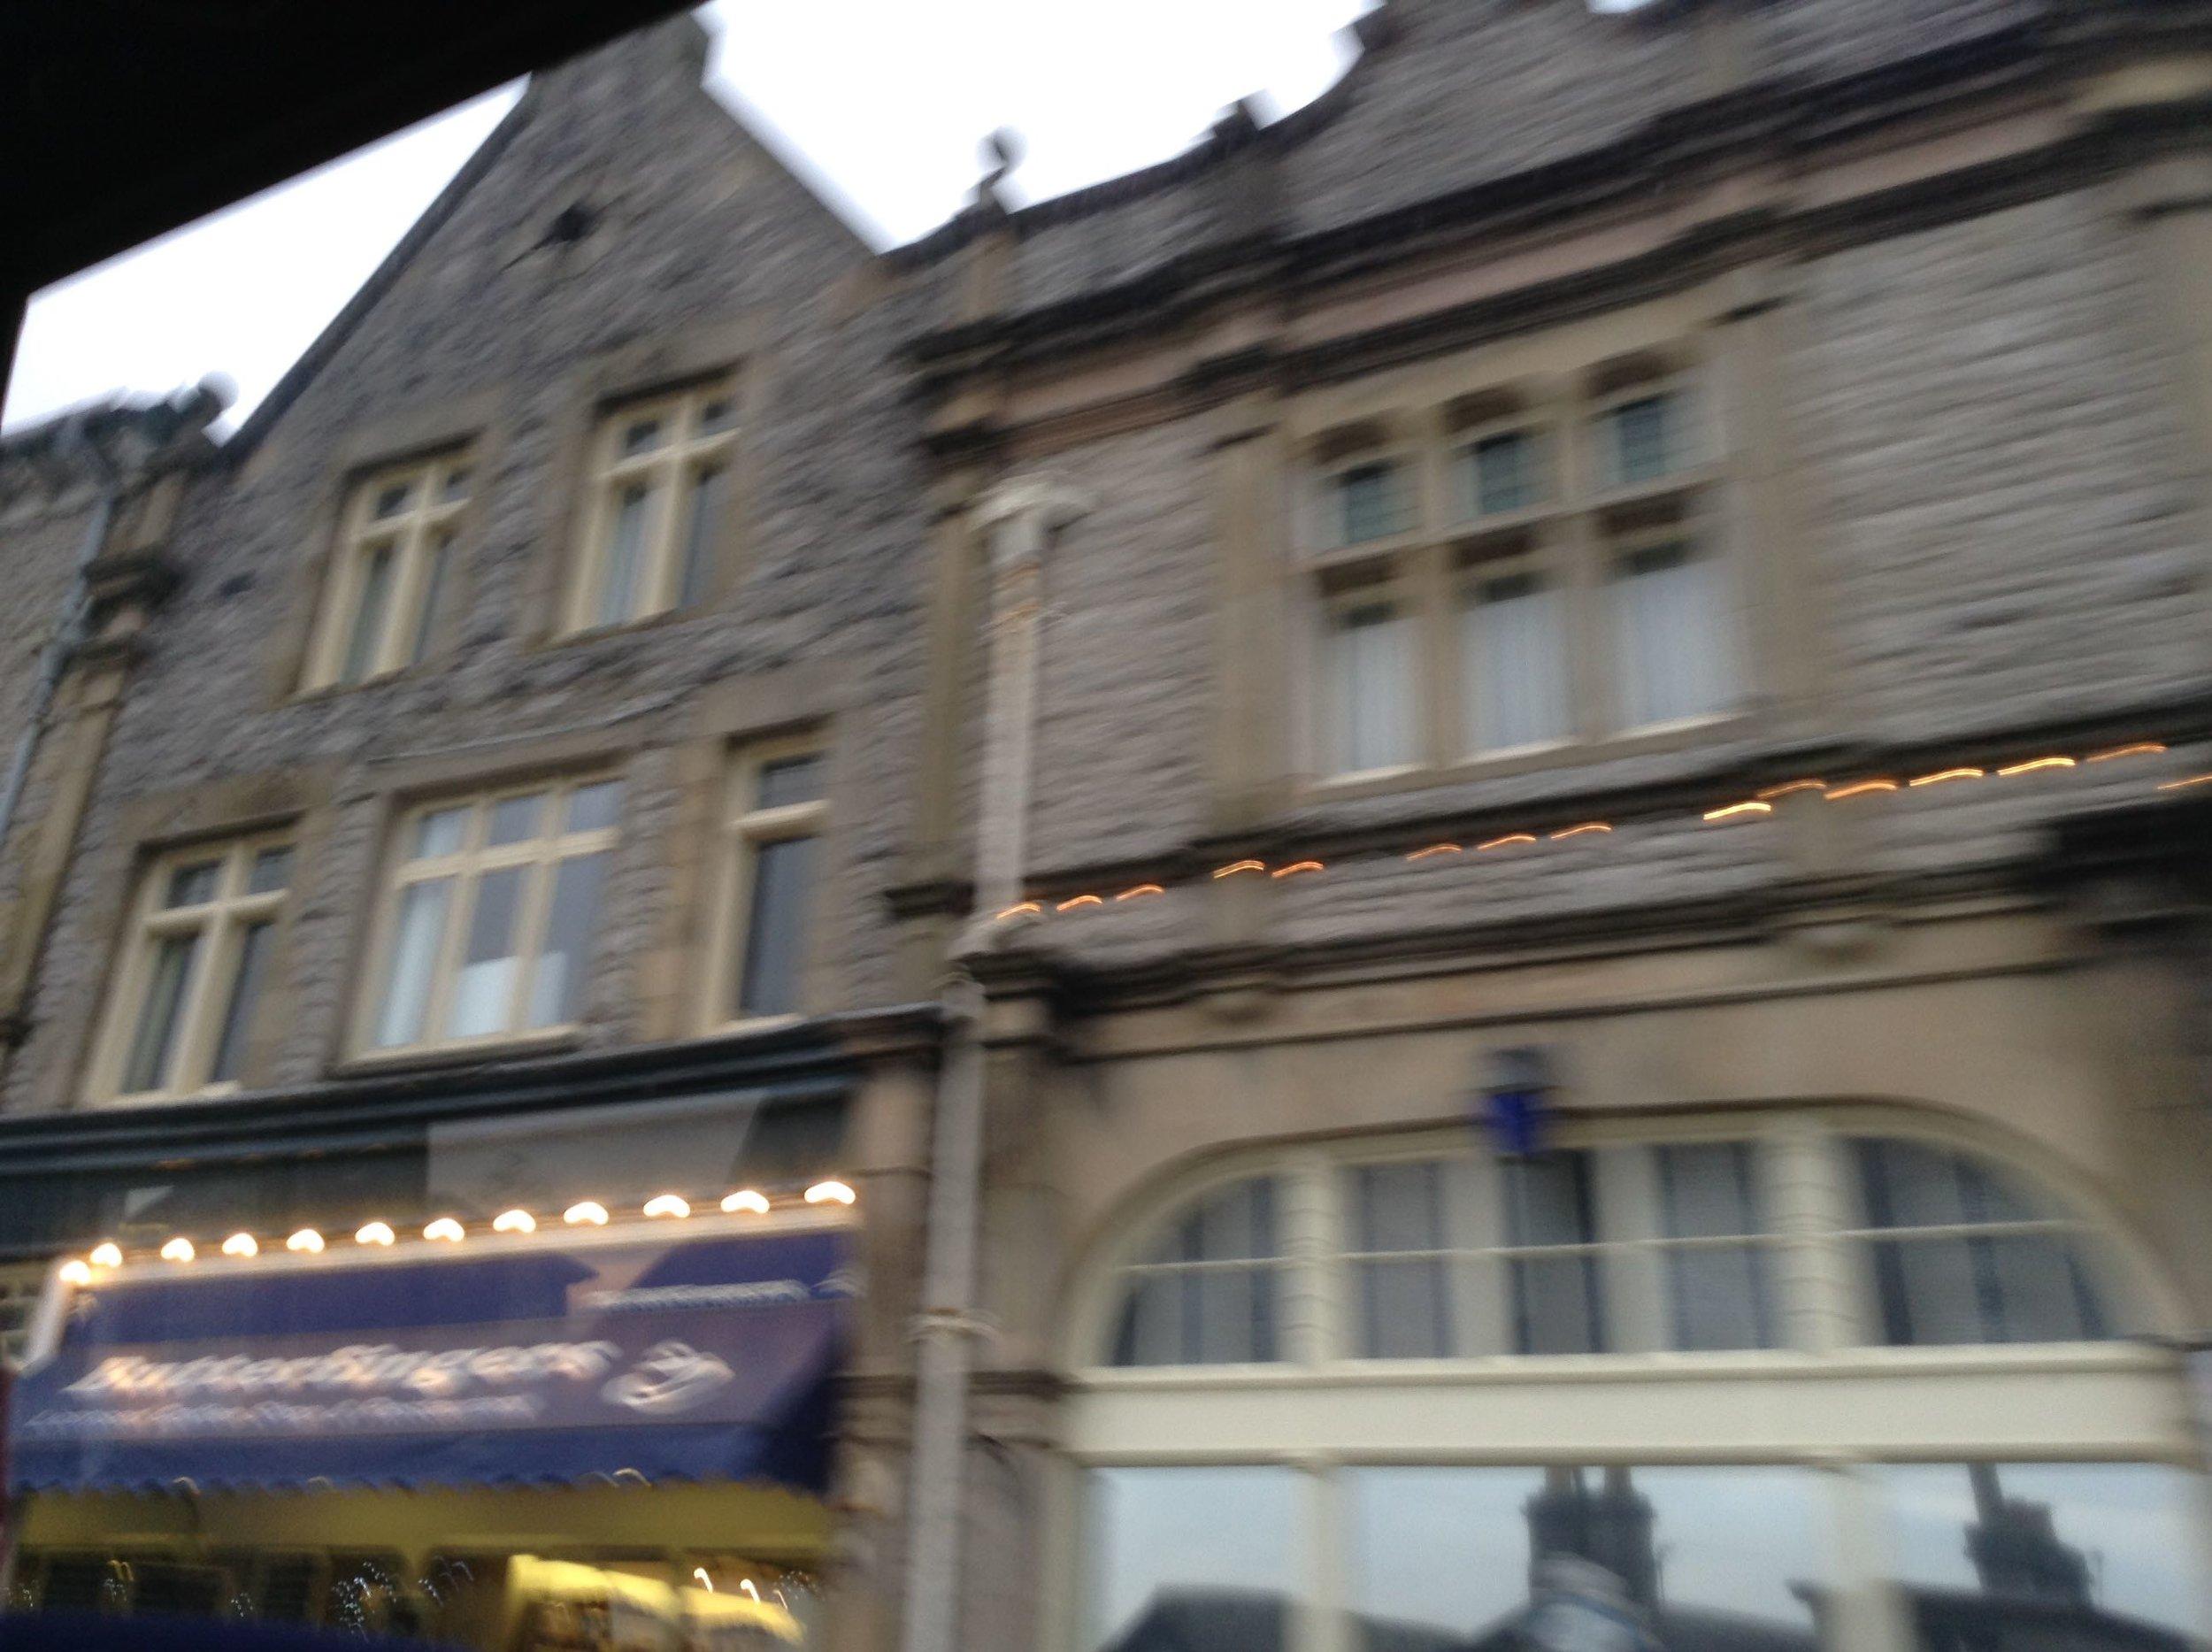 Town Lights & Sign.jpg